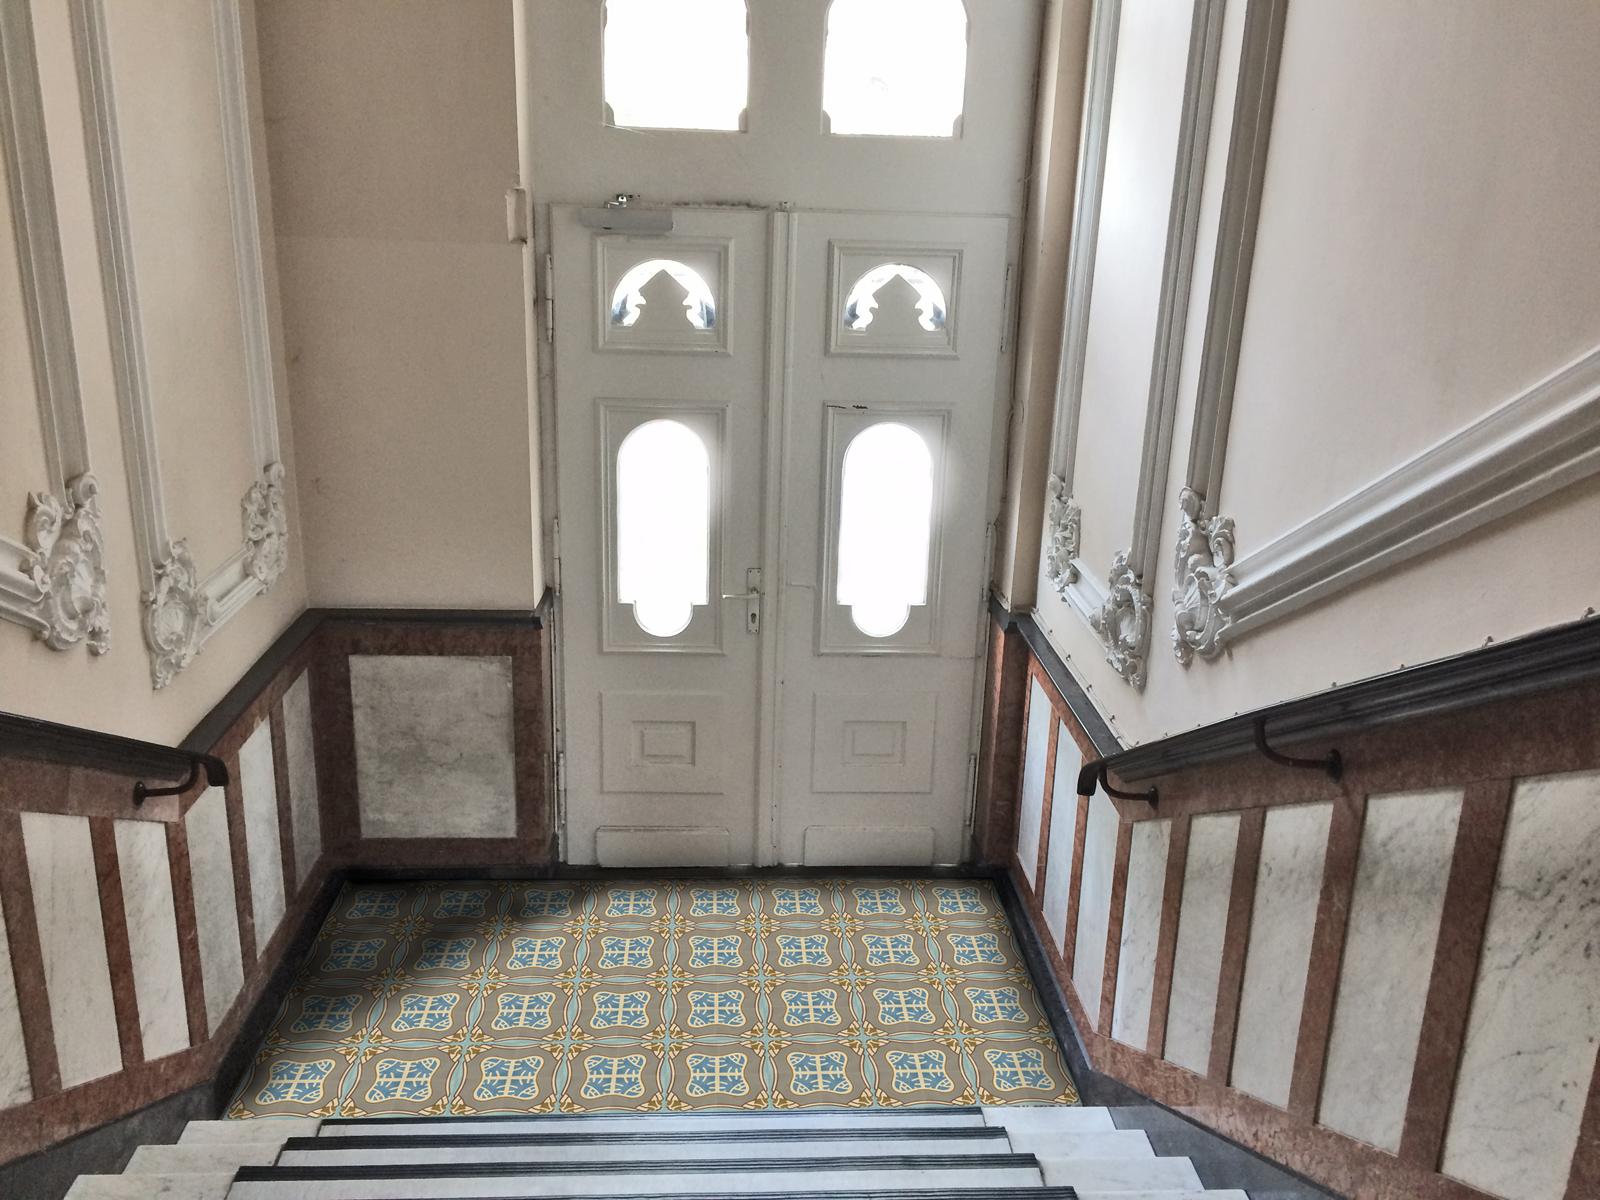 VIA Zementmosaikplatten-nr.51130-eingang-viaplatten | 51130/141